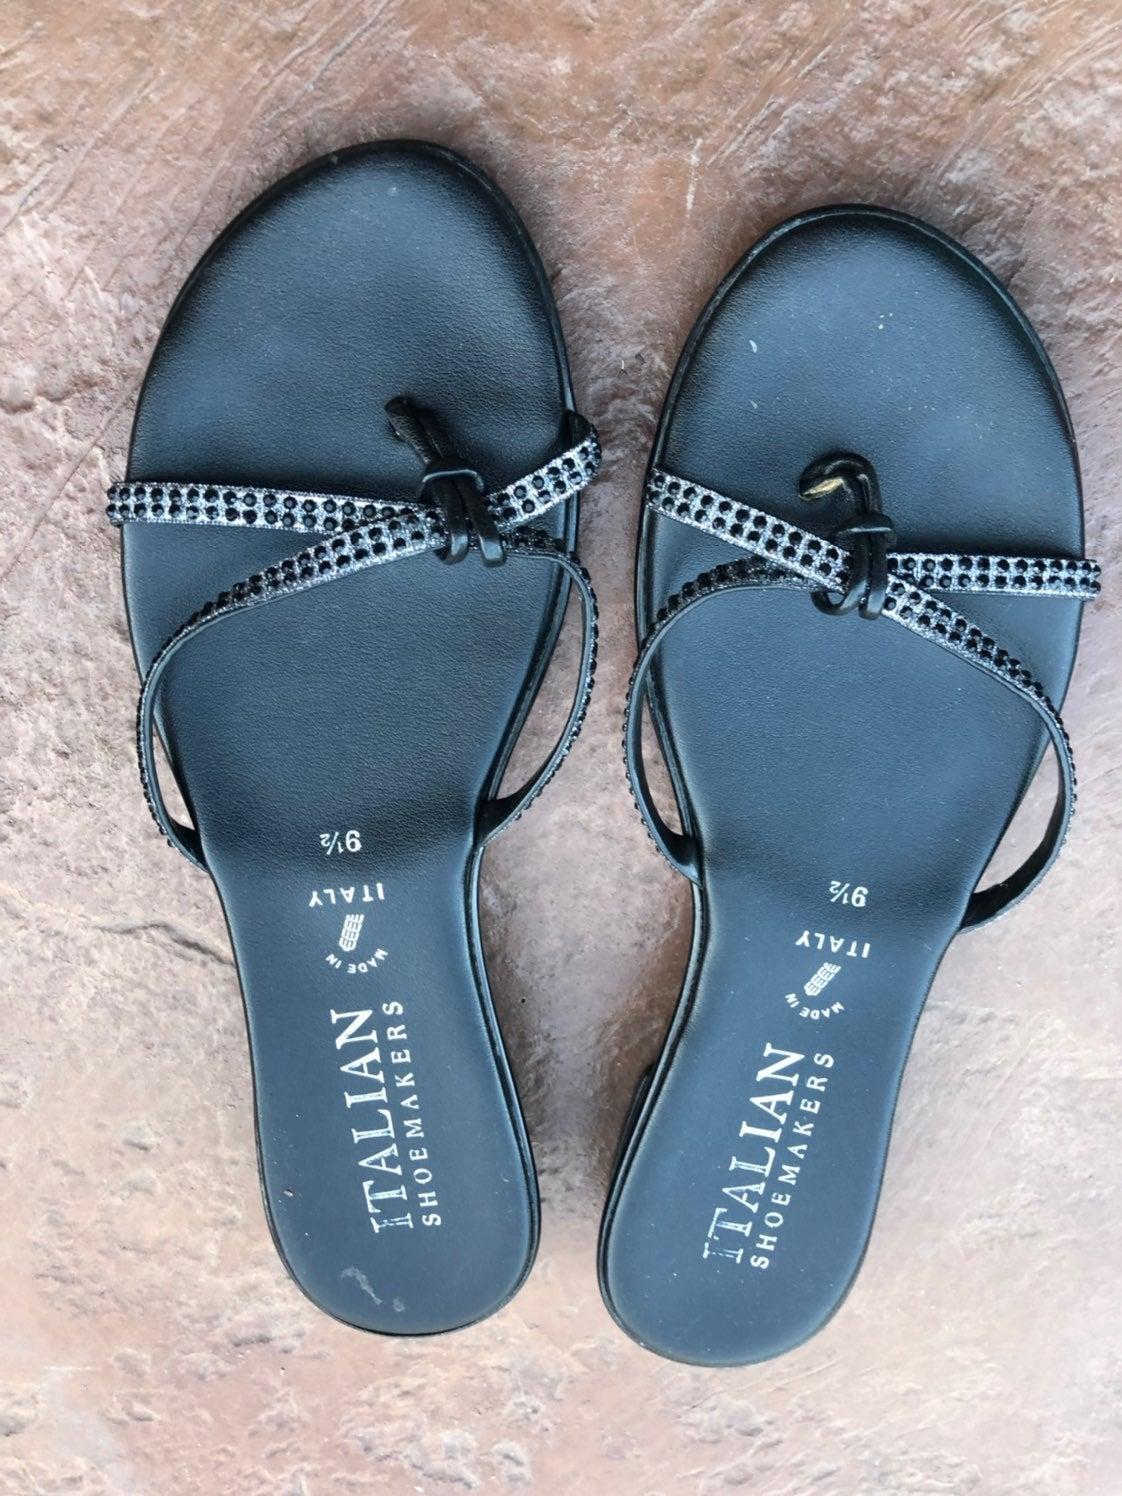 Sandals size 9.5